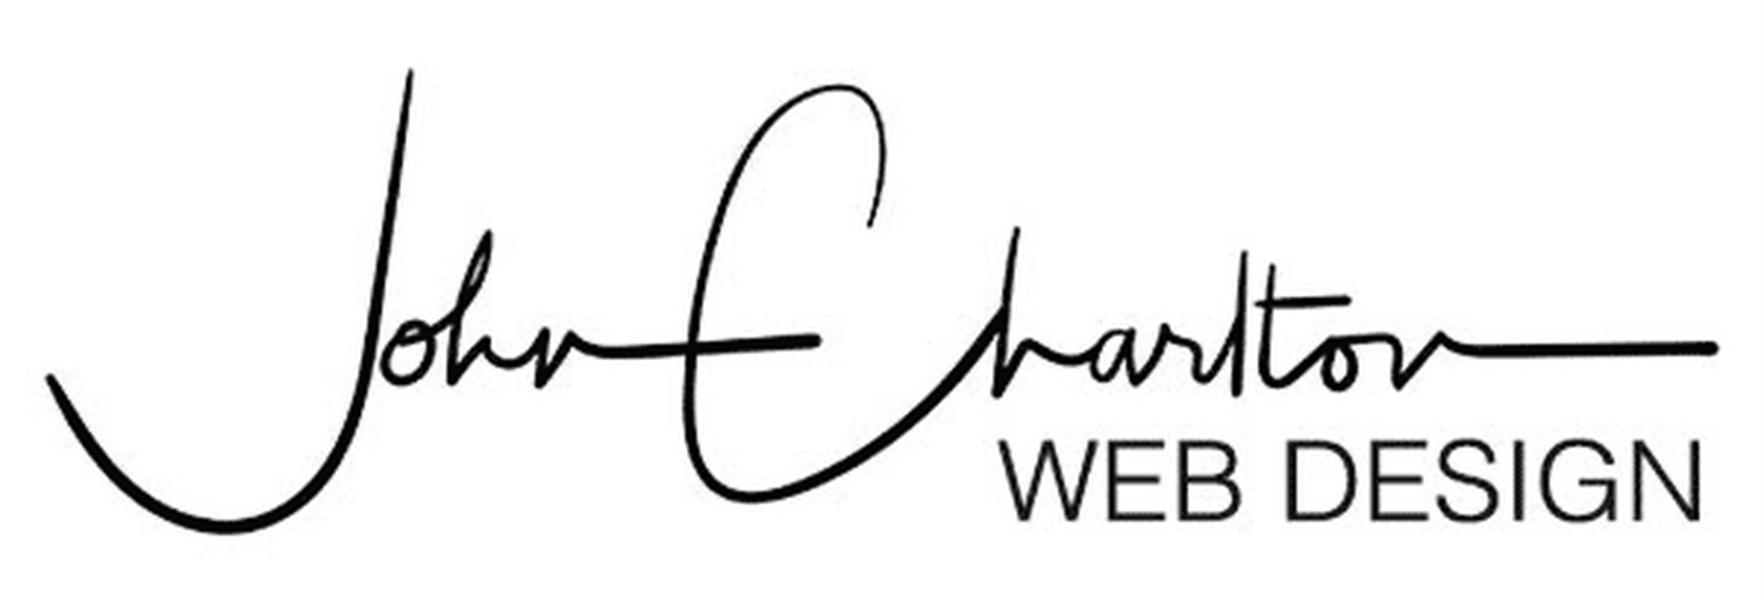 John Charlton Web Design